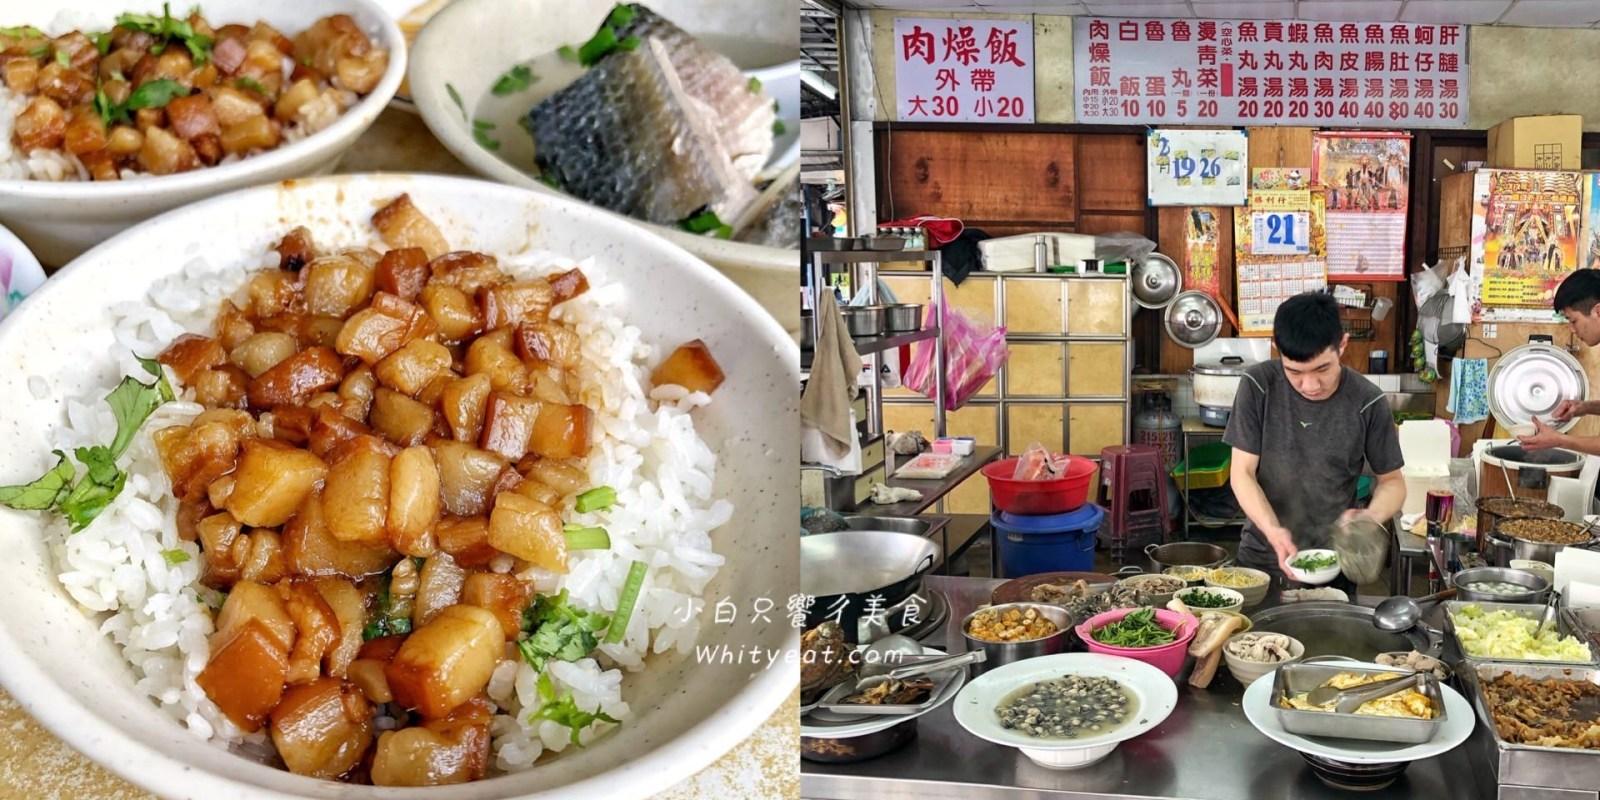 【台南美食】早上六點就開的國榮肉燥飯!百元就能吃飽飽的古早味老店|台南中西區|台南宵夜